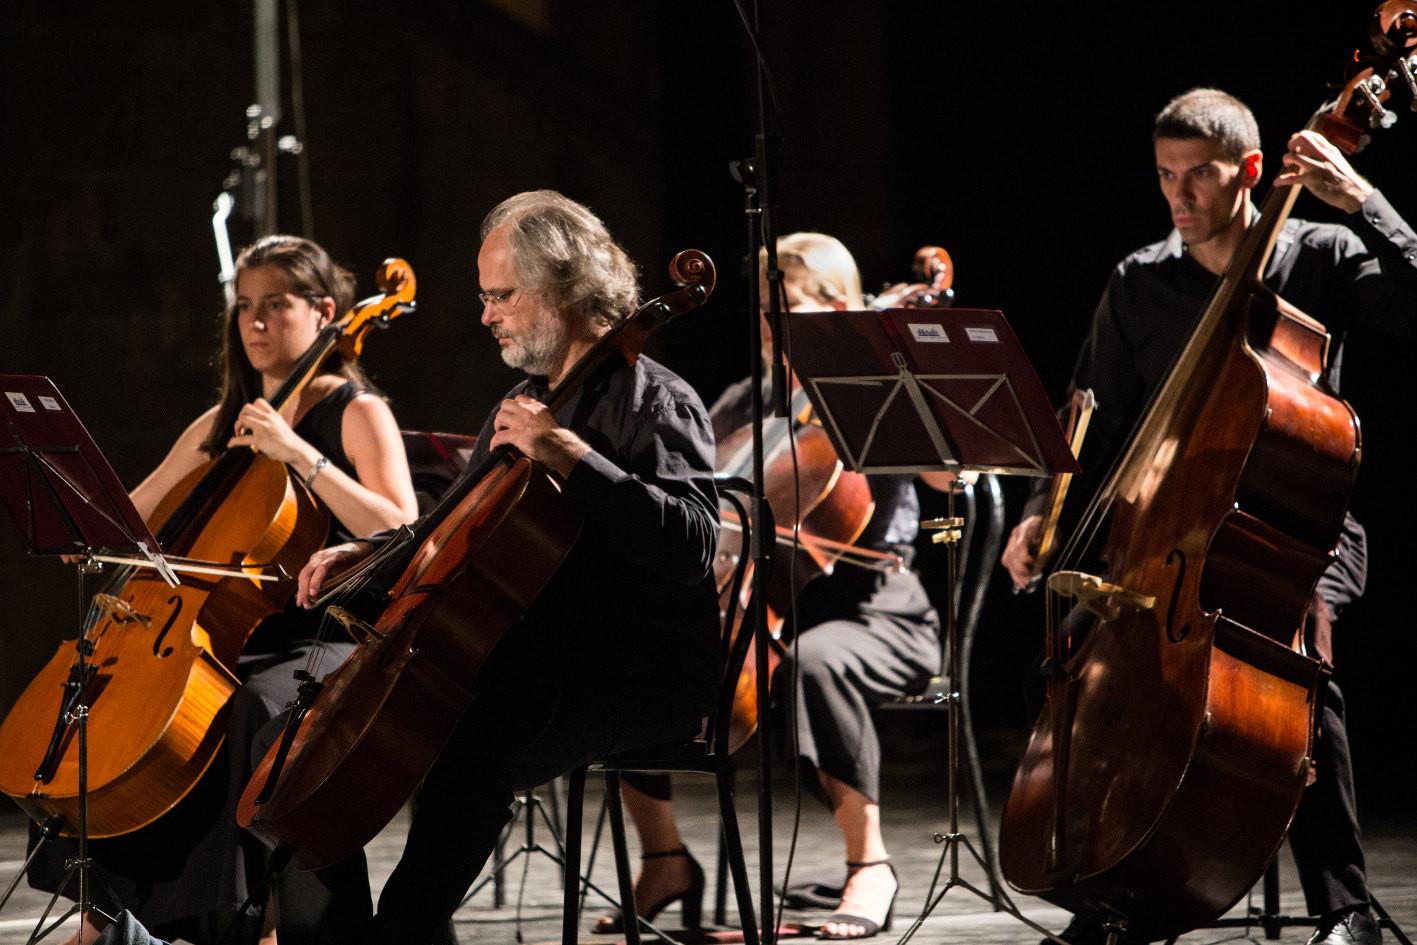 Quartetto-Orchestra-da-camera-Fiorentina